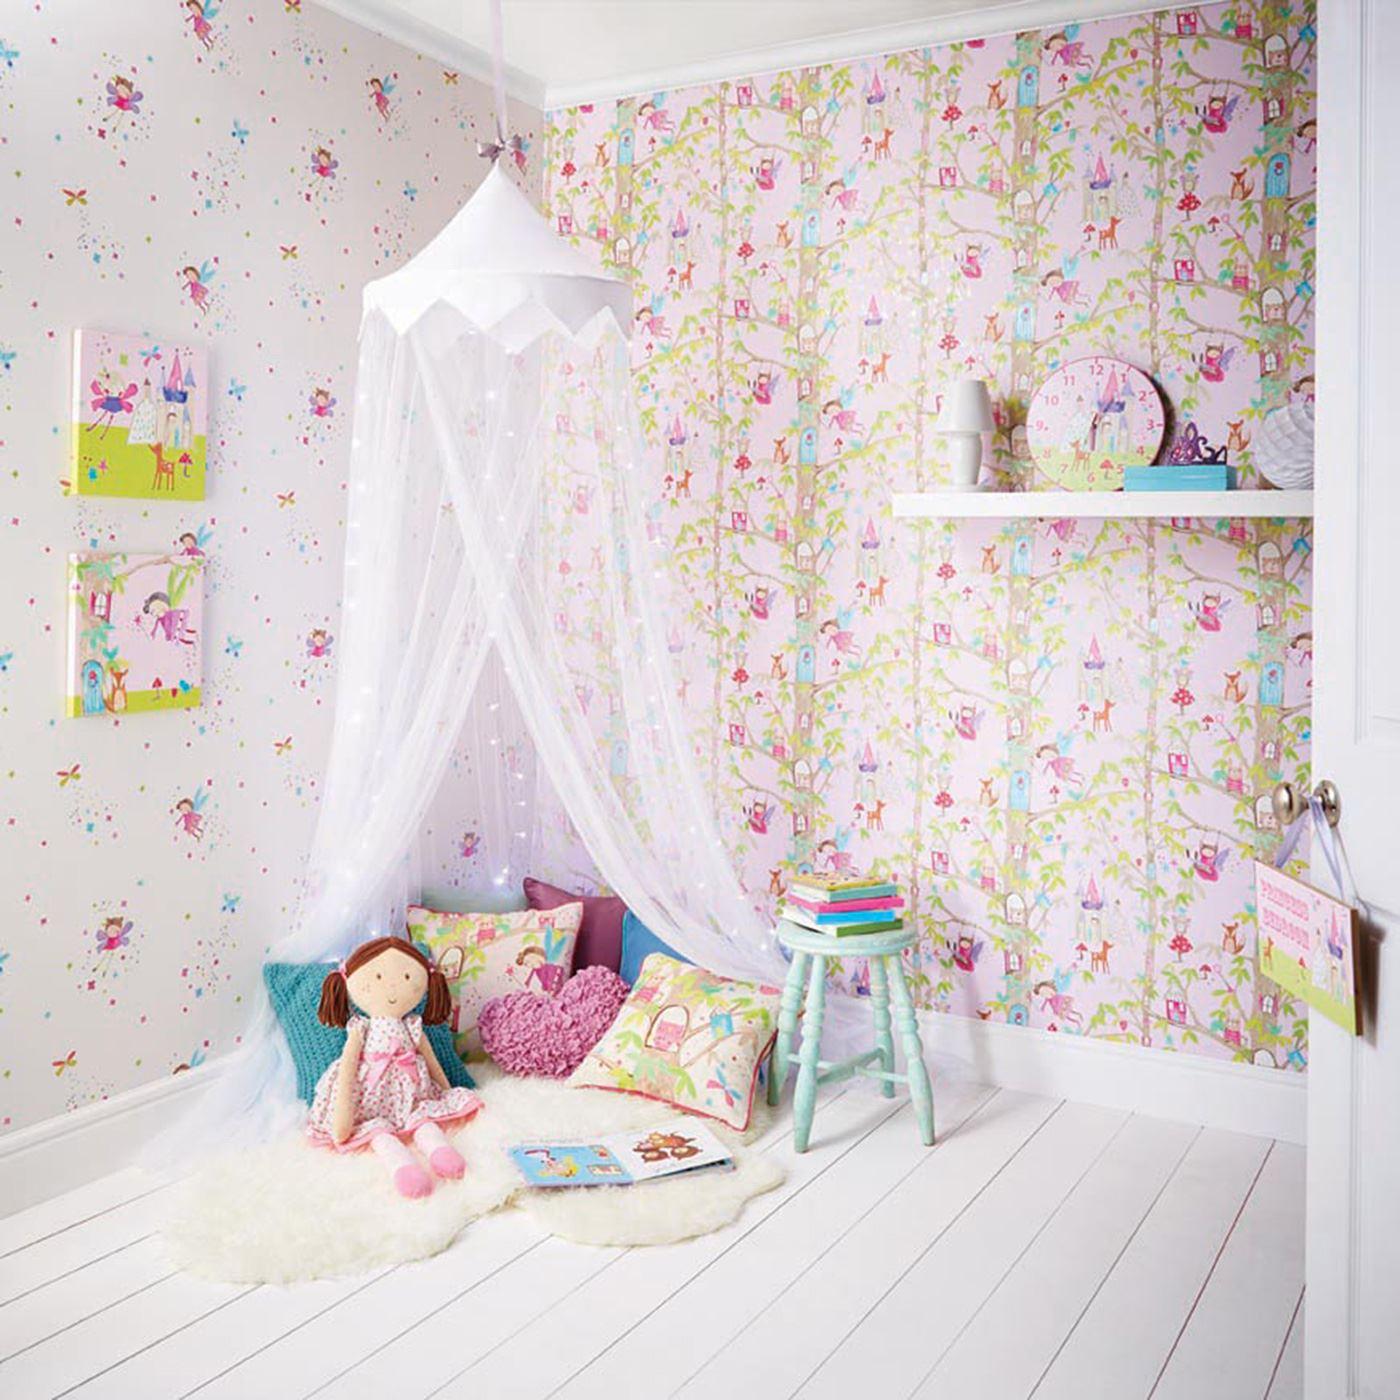 m dchen tapete thema schlafzimmer einhorn sterne herz. Black Bedroom Furniture Sets. Home Design Ideas